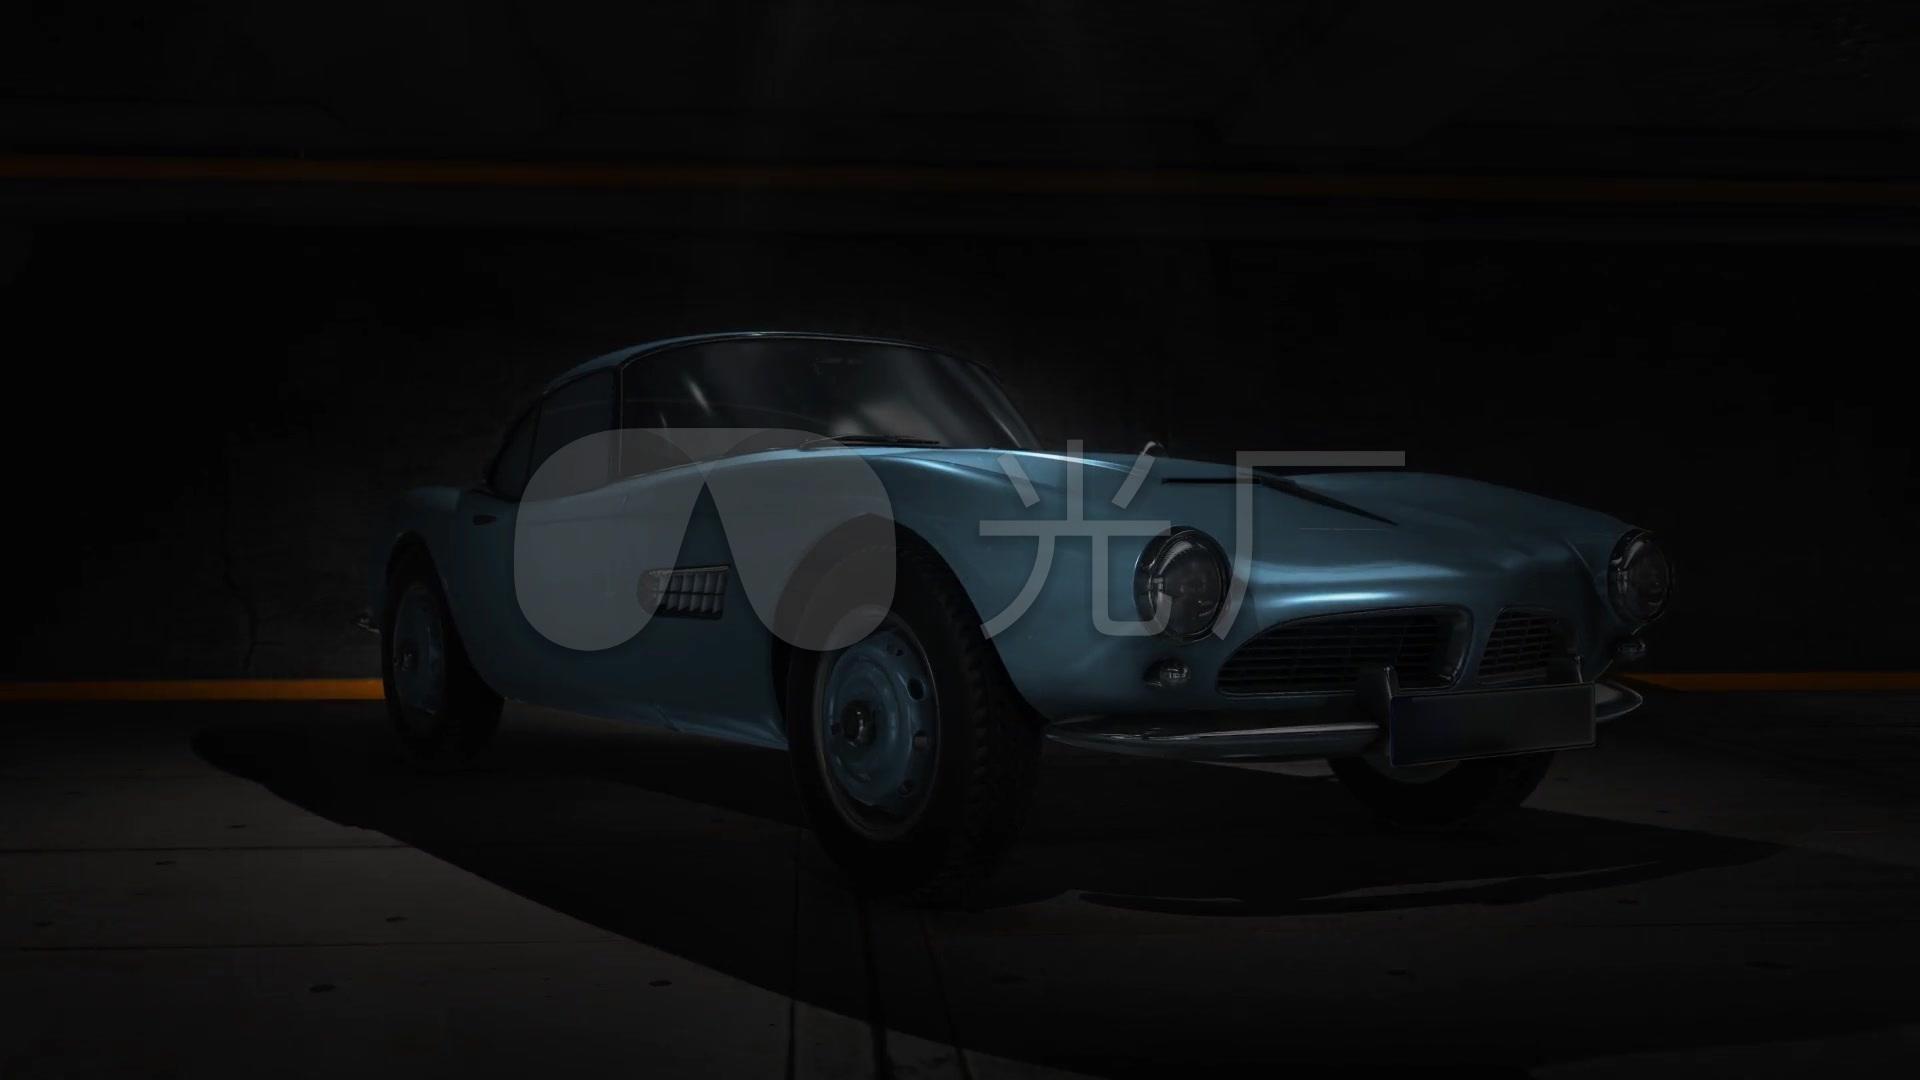 汽车视频视频素材高清_1920X1080_会员跑车青草大气视频图片